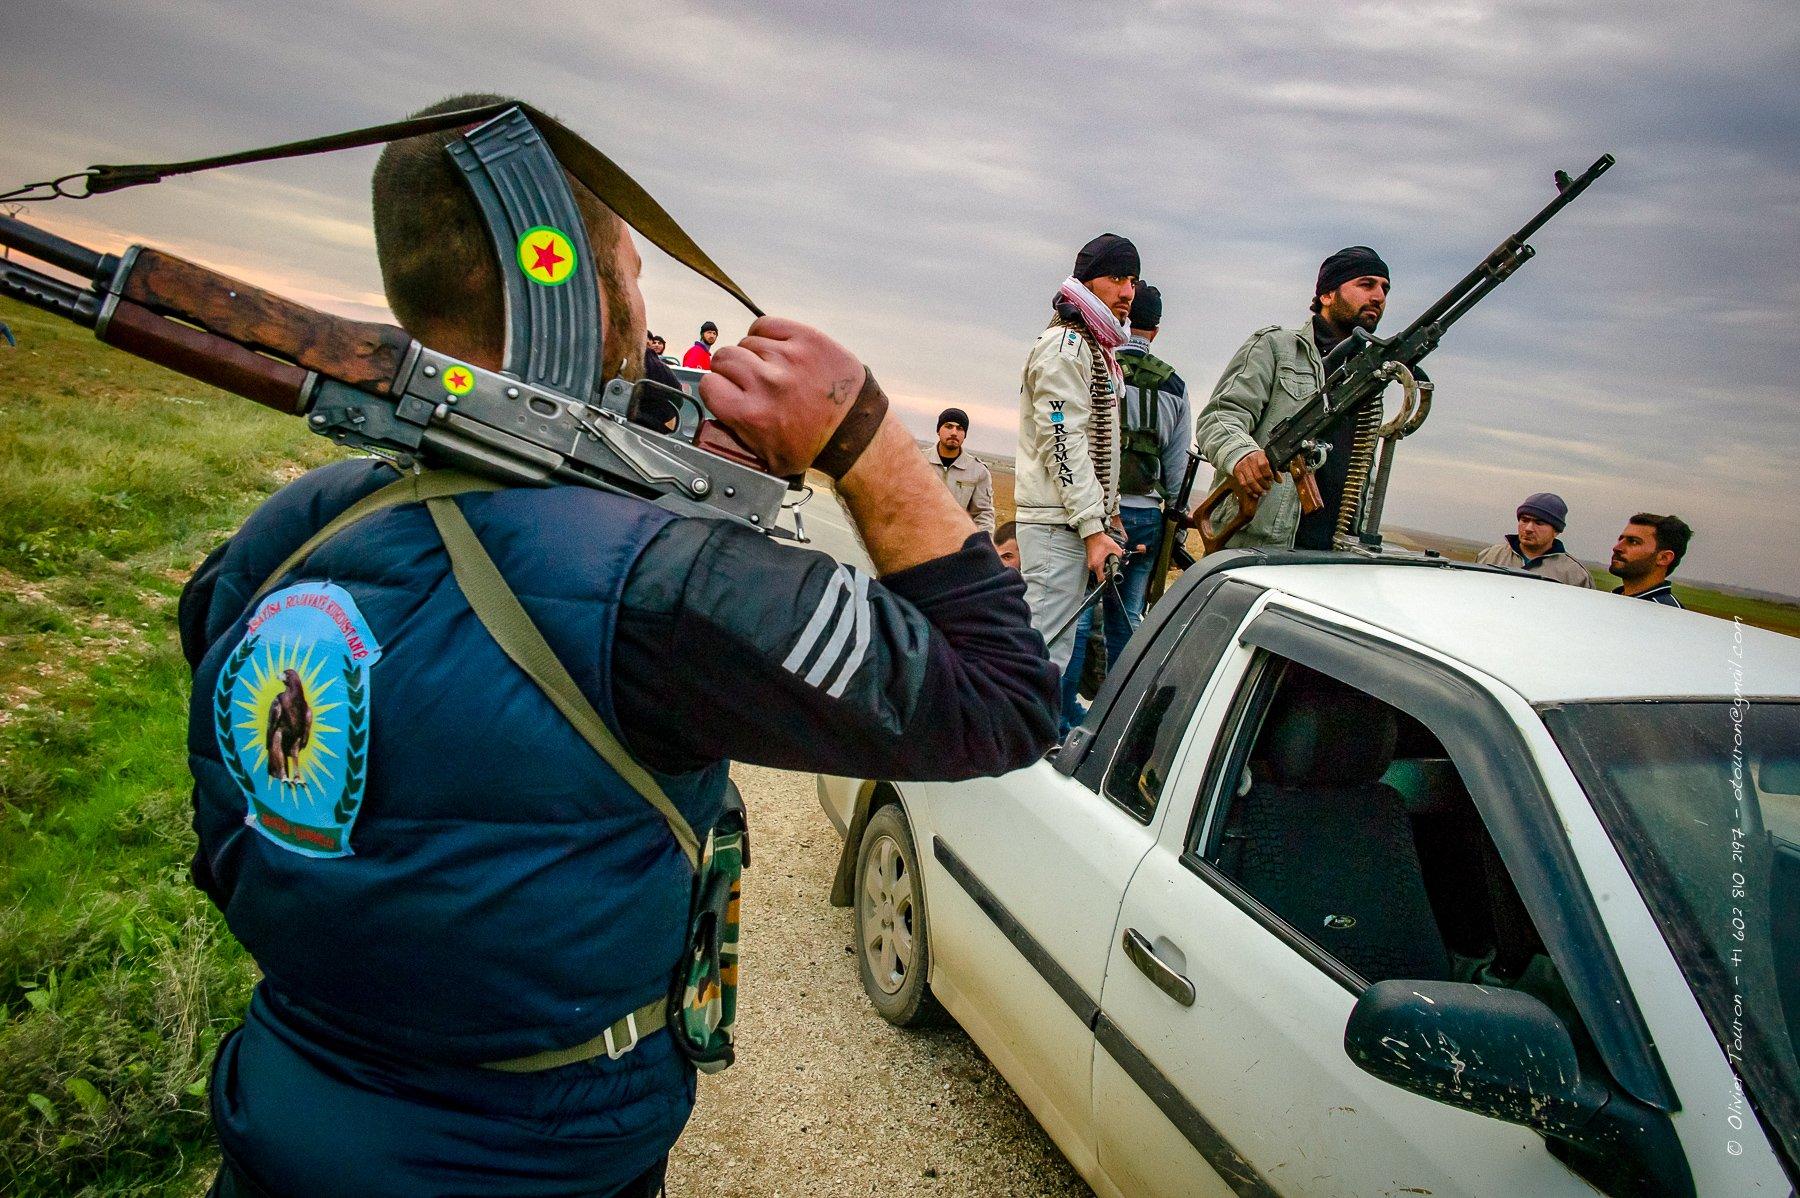 © Olivier Touron / Syrie, Kurdistan, fin novembre 2012. Alors que le pays est en proie à une guerre civile, le Kurdistan au Nord-Est vit une transition relativement calme. Le principal mouvement kurde PYD remplace progressivement le régime pour les affaires courantes et la sécurité. Encadré par des militants aguerris, la population se met à espérer d'une indépendance.